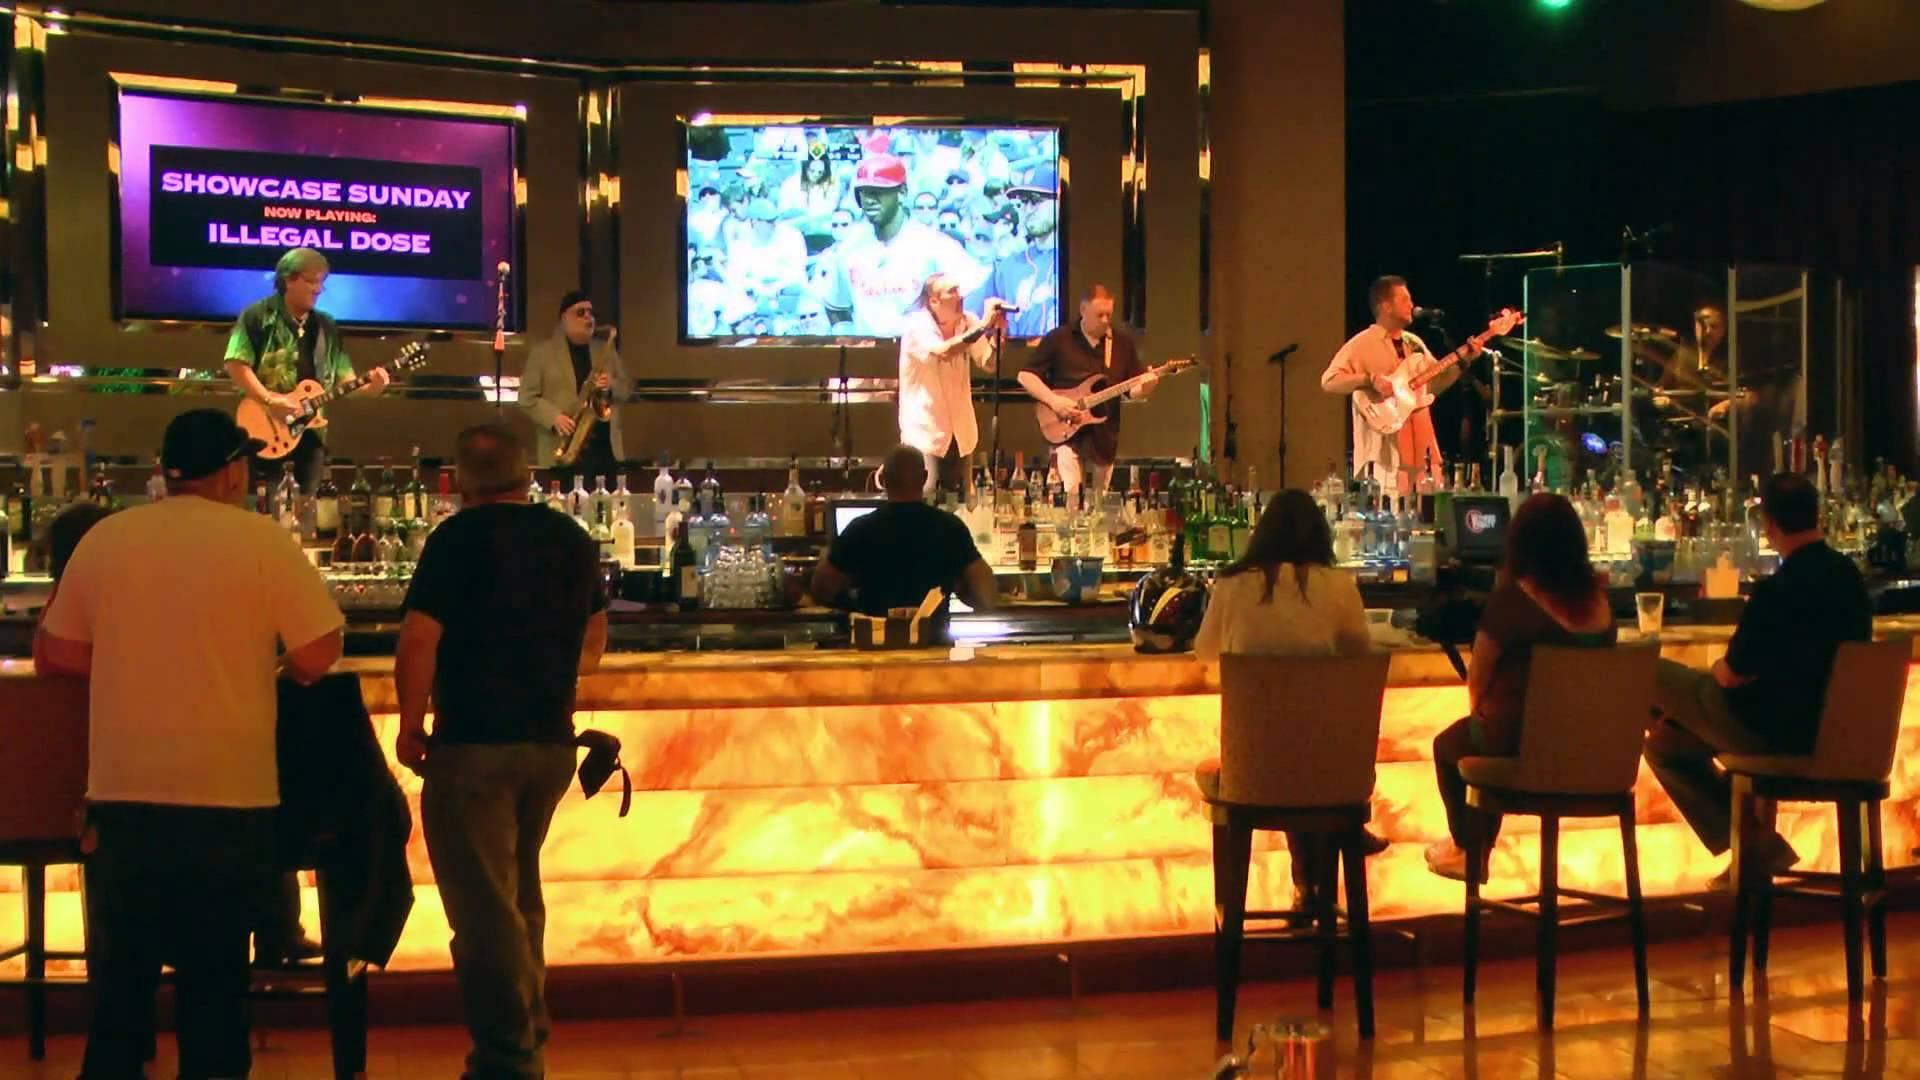 在迪拜的夜晚 可别?#20960;?#20102;好时光